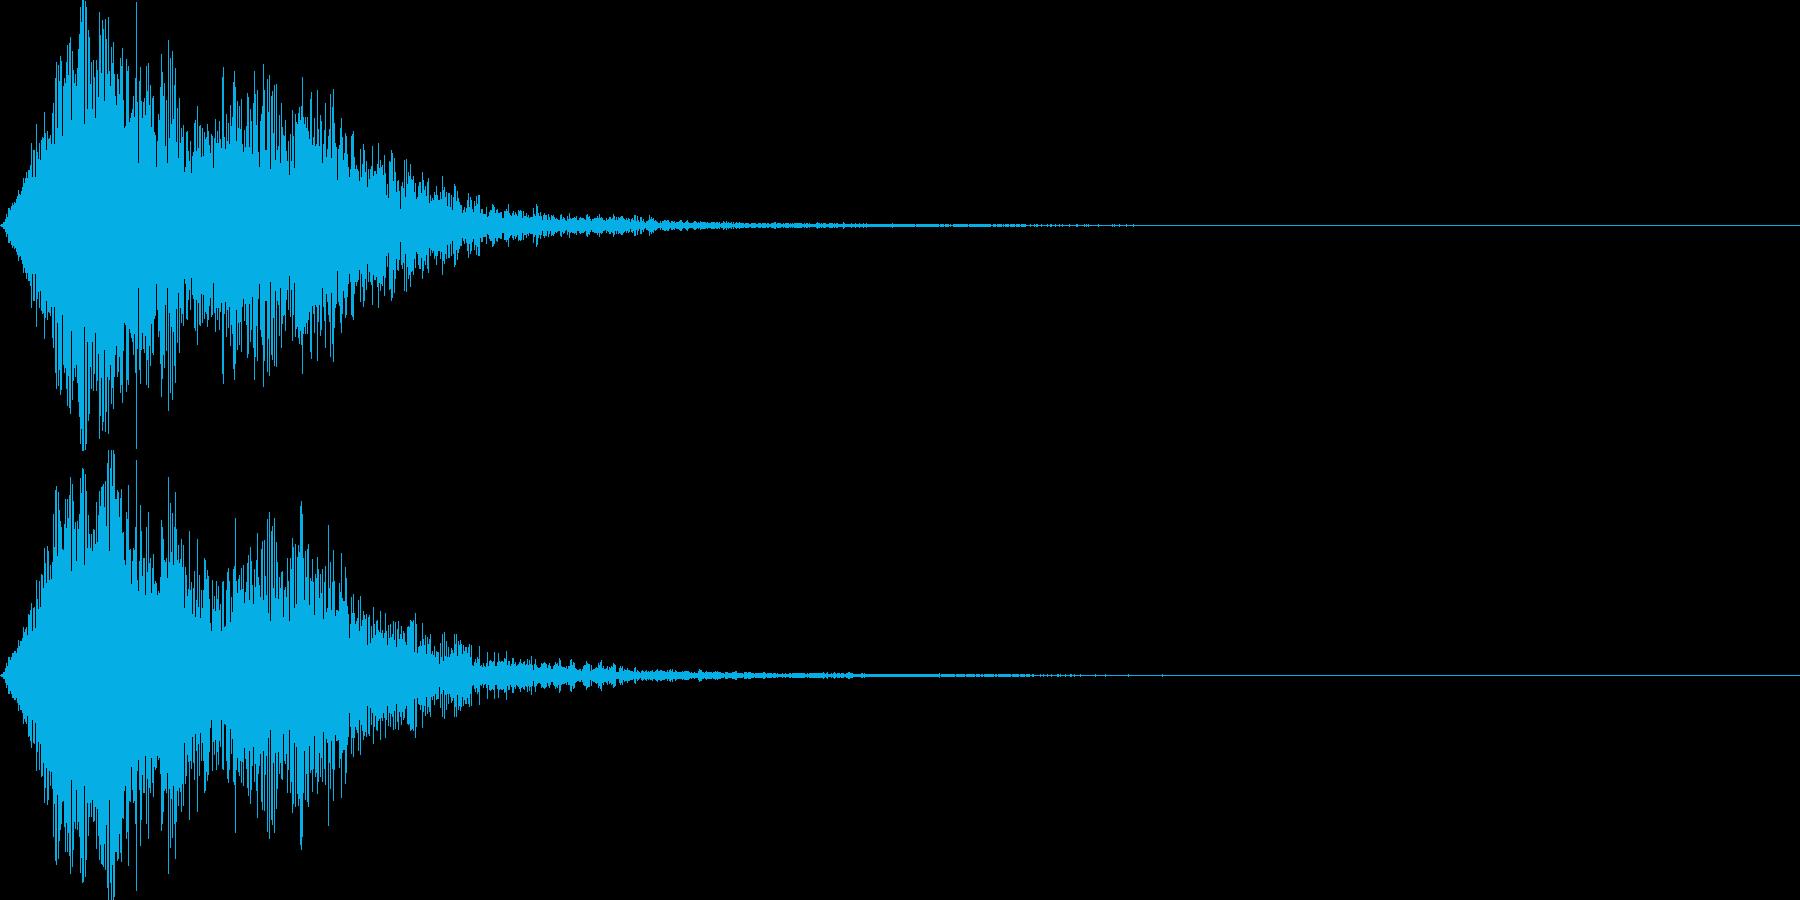 ストリングフレーズ02の再生済みの波形